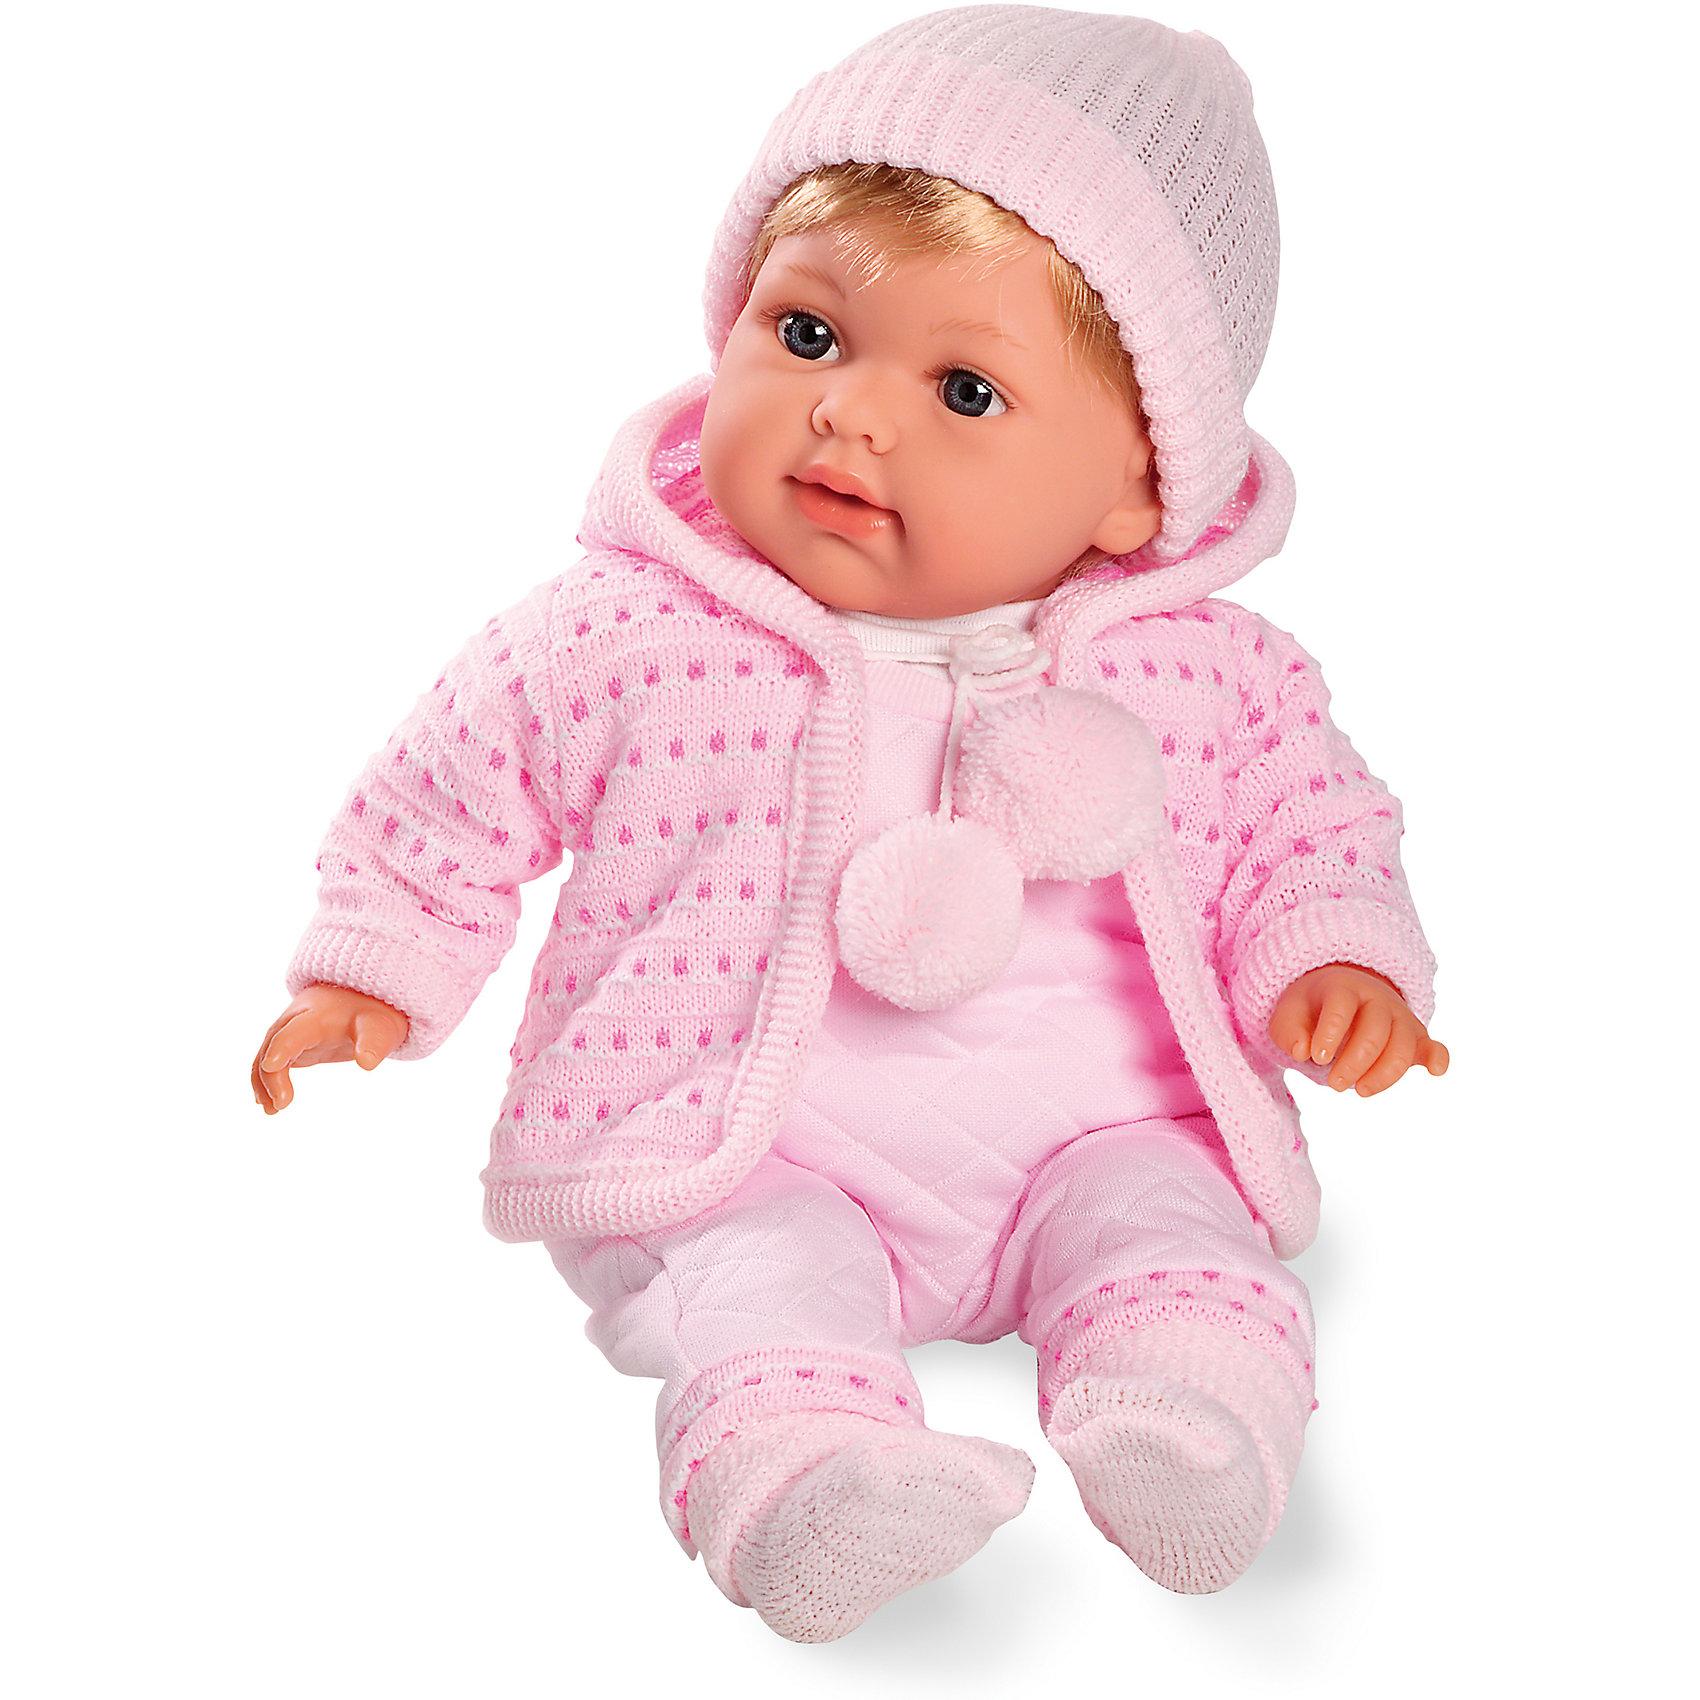 Пупс с соской, в вязаной одежке, 42см, плачет, AriasИнтерактивные куклы<br>Характеристики:<br><br>• Вид игр: сюжетно-ролевые<br>• Пол: для девочек<br>• Коллекция: Elegance<br>• Материал: винил, текстиль, нейлон<br>• Длина куклы: 42 см<br>• Комплектация: кукла, комбинезон, курточка, пинетки, шапочка, <br>• Подвижные ручки и ножки <br>• Умеет плакать<br>• Батарейки: 3 x AG13 / LR44 (предусмотрены в комплекте)<br>• Вес в упаковке: 1 кг 100 г<br>• Размеры упаковки (Г*Ш*В): 20*20*50 см<br>• Упаковка: картонная коробка<br>• Особенности ухода: куклу можно купать, одежда – ручная стирка<br><br>Пупс с соской, в вязаной одежке, 42см, плачет, Arias изготовлен известным испанским торговым предприятием Munecas, который специализируется на выпуске кукол и пупсов. Пупсы и куклы Arias с высокой степенью достоверности повторяют облик маленьких детей, благодаря мельчайшим деталям внешнего вида и одежды игрушки выглядят мило и очаровательно. Кукла выполнена из винила, у нее подвижные ручки и ножки, прямые короткие волосы, четко прорисованные глаза и брови, курносый носик и пухленькие губки. Малышка одета в розовый комбинезон, вязаную теплую курточку с завязками, на ножках у нее теплые пинетки, на голове шапочка. При нажатии на животик, кукла начинает плакать. Пупс с соской, в вязаной одежке, 42см, плачет, Arias идеальным подарком для девочки к любому празднику.<br><br>Пупса с соской, в вязаной одежке, 42см, плачет, Arias можно купить в нашем интернет-магазине.<br><br>Ширина мм: 480<br>Глубина мм: 160<br>Высота мм: 260<br>Вес г: 1367<br>Возраст от месяцев: 36<br>Возраст до месяцев: 120<br>Пол: Женский<br>Возраст: Детский<br>SKU: 5355541